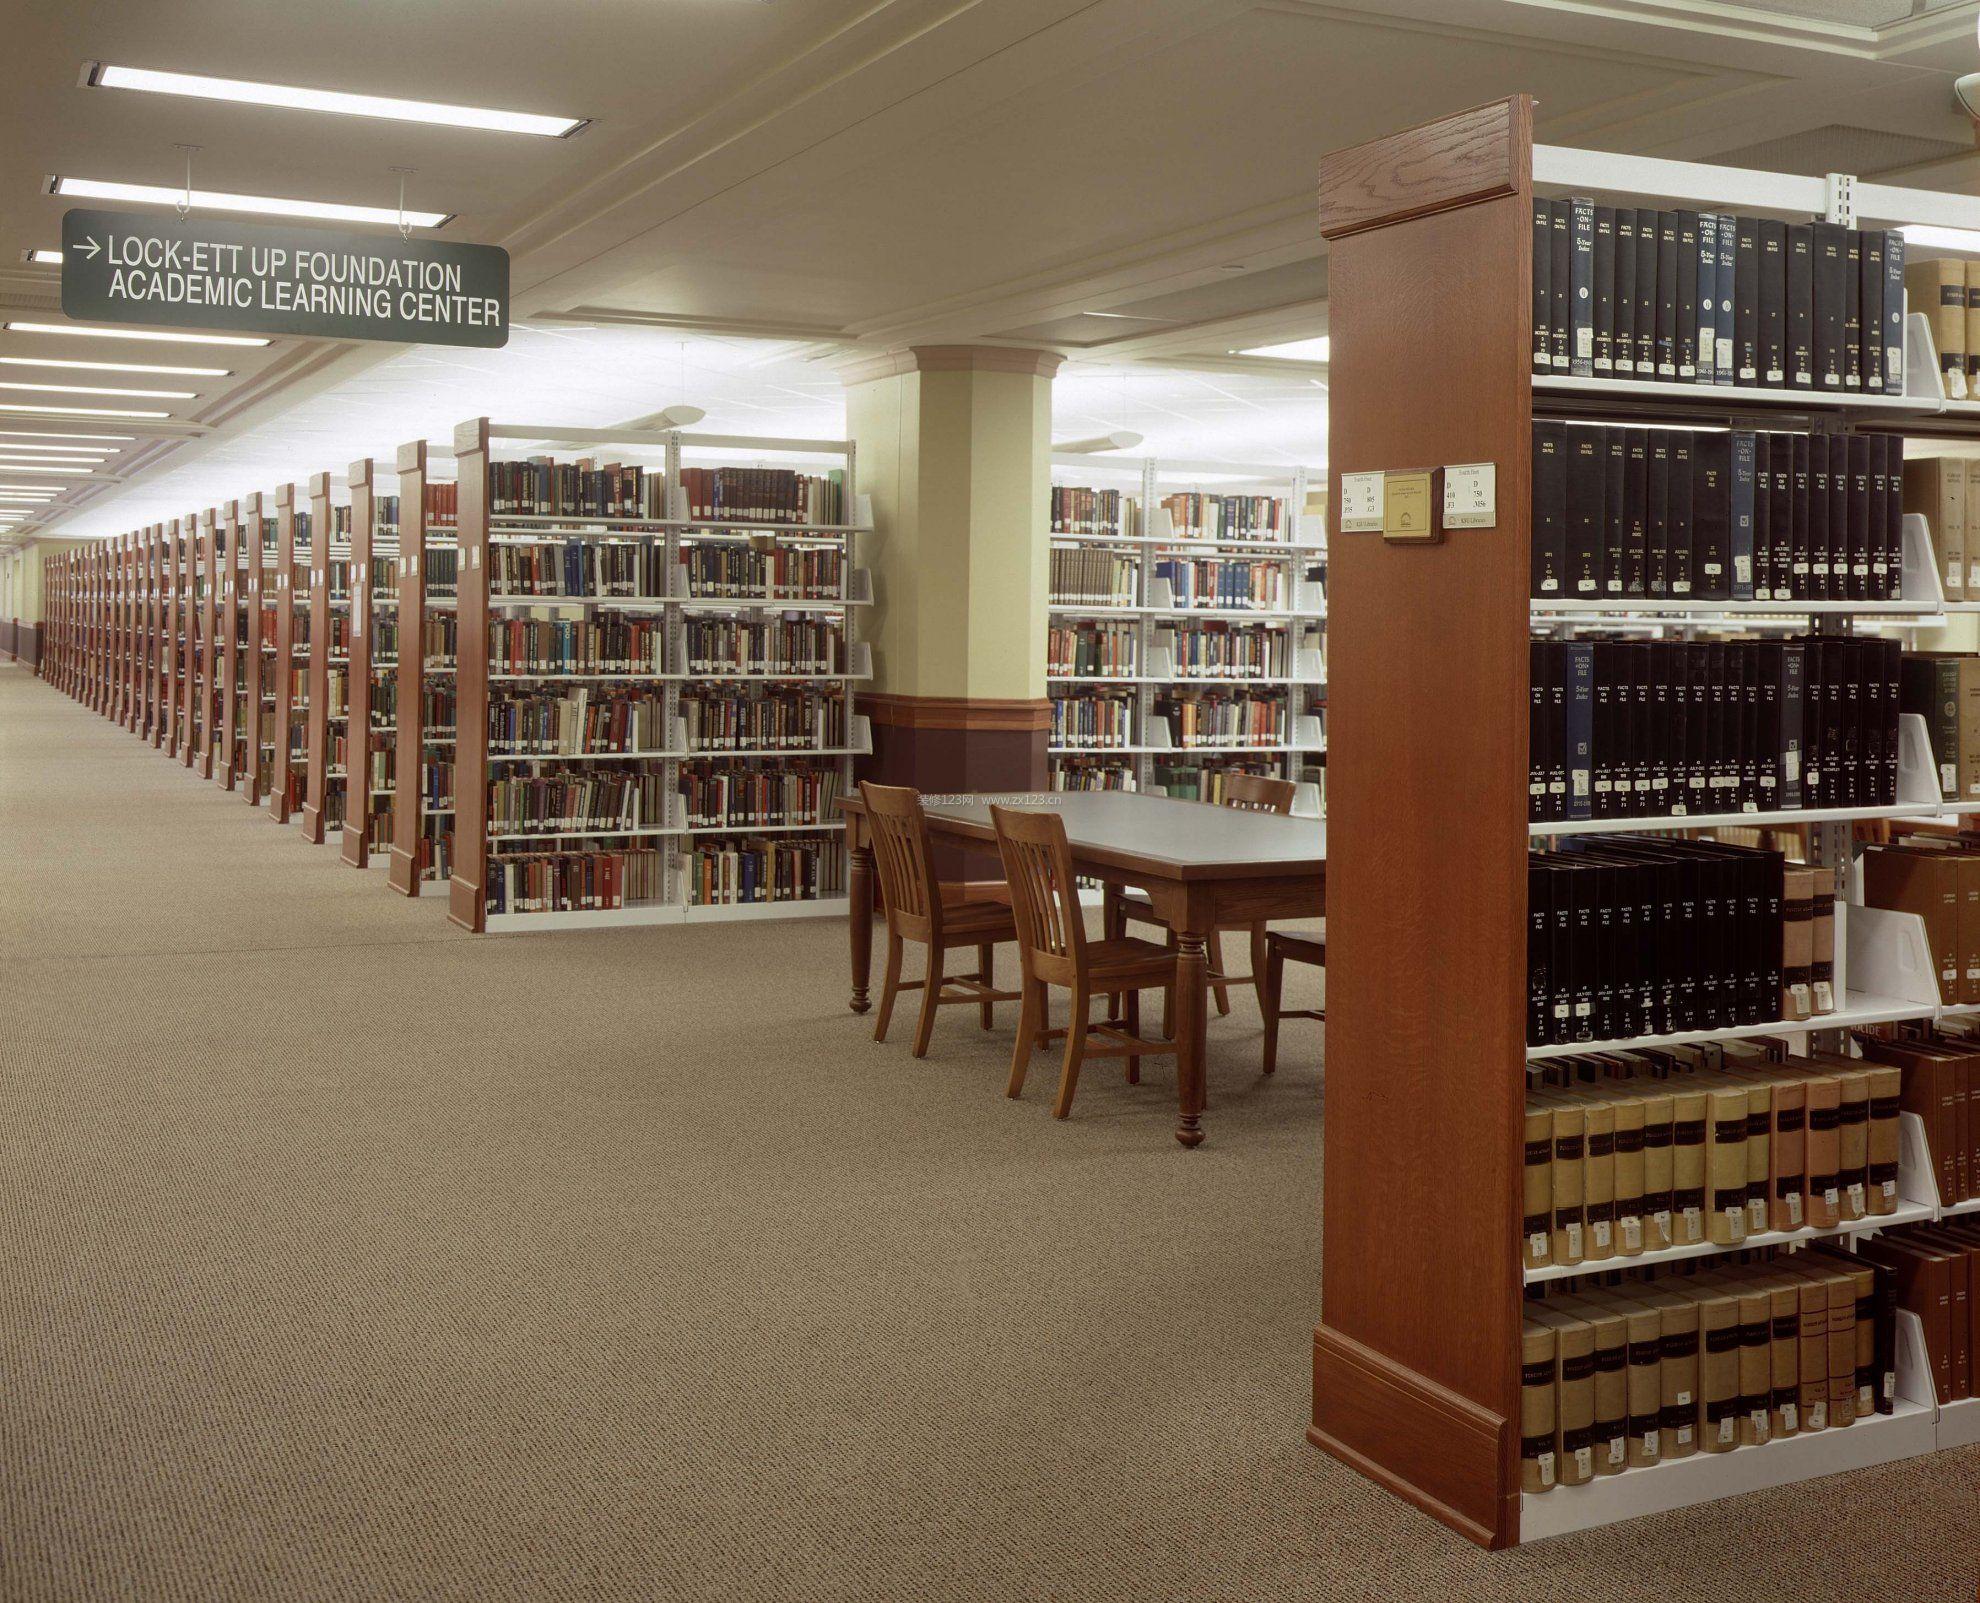 室内大型图书馆书架设计效果图案例